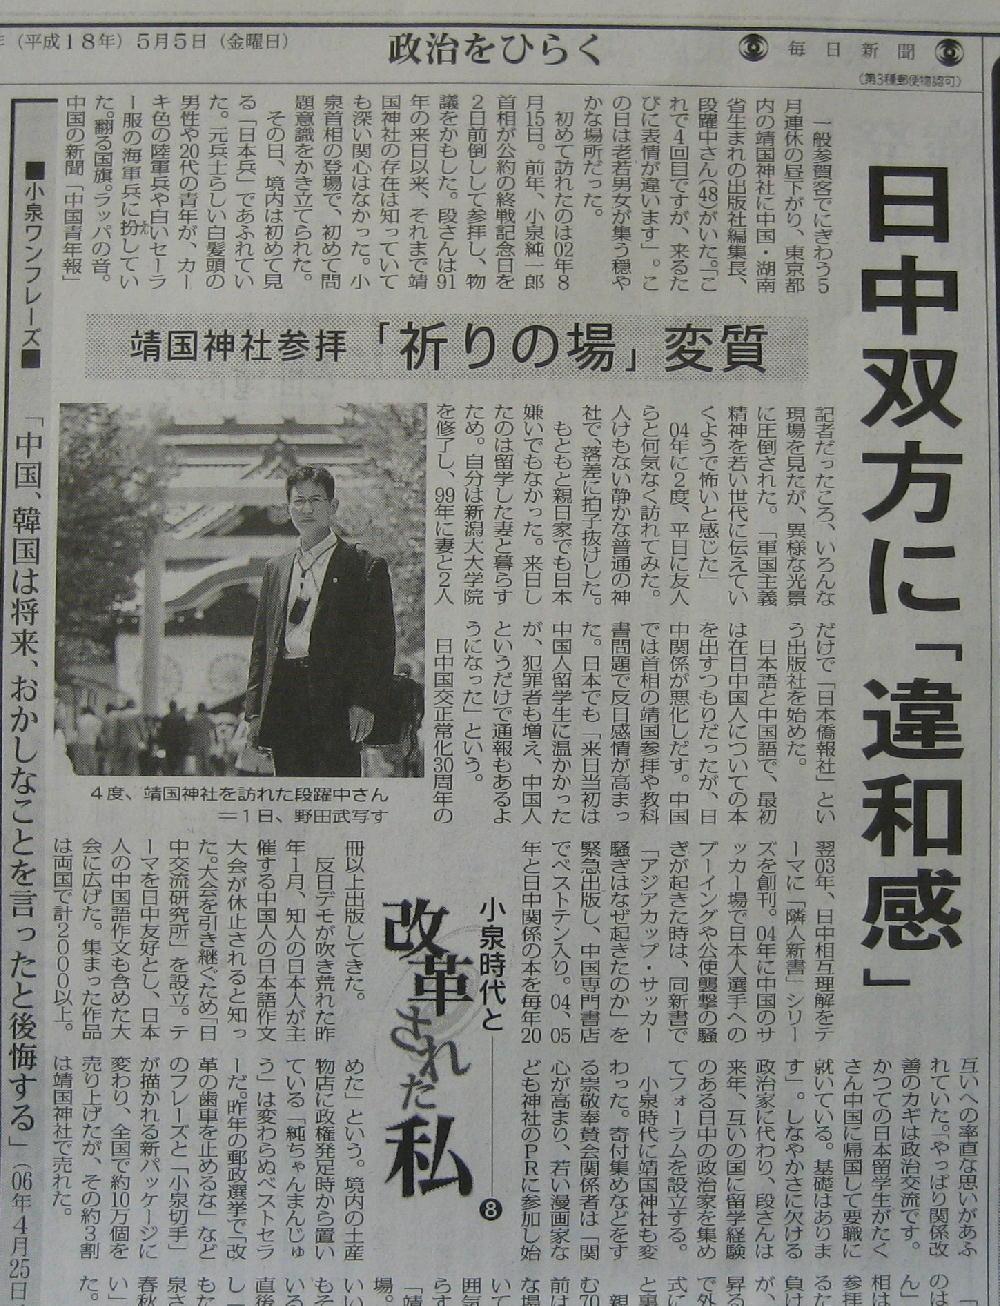 毎日新聞の政治面に登場しました_d0027795_813278.jpg